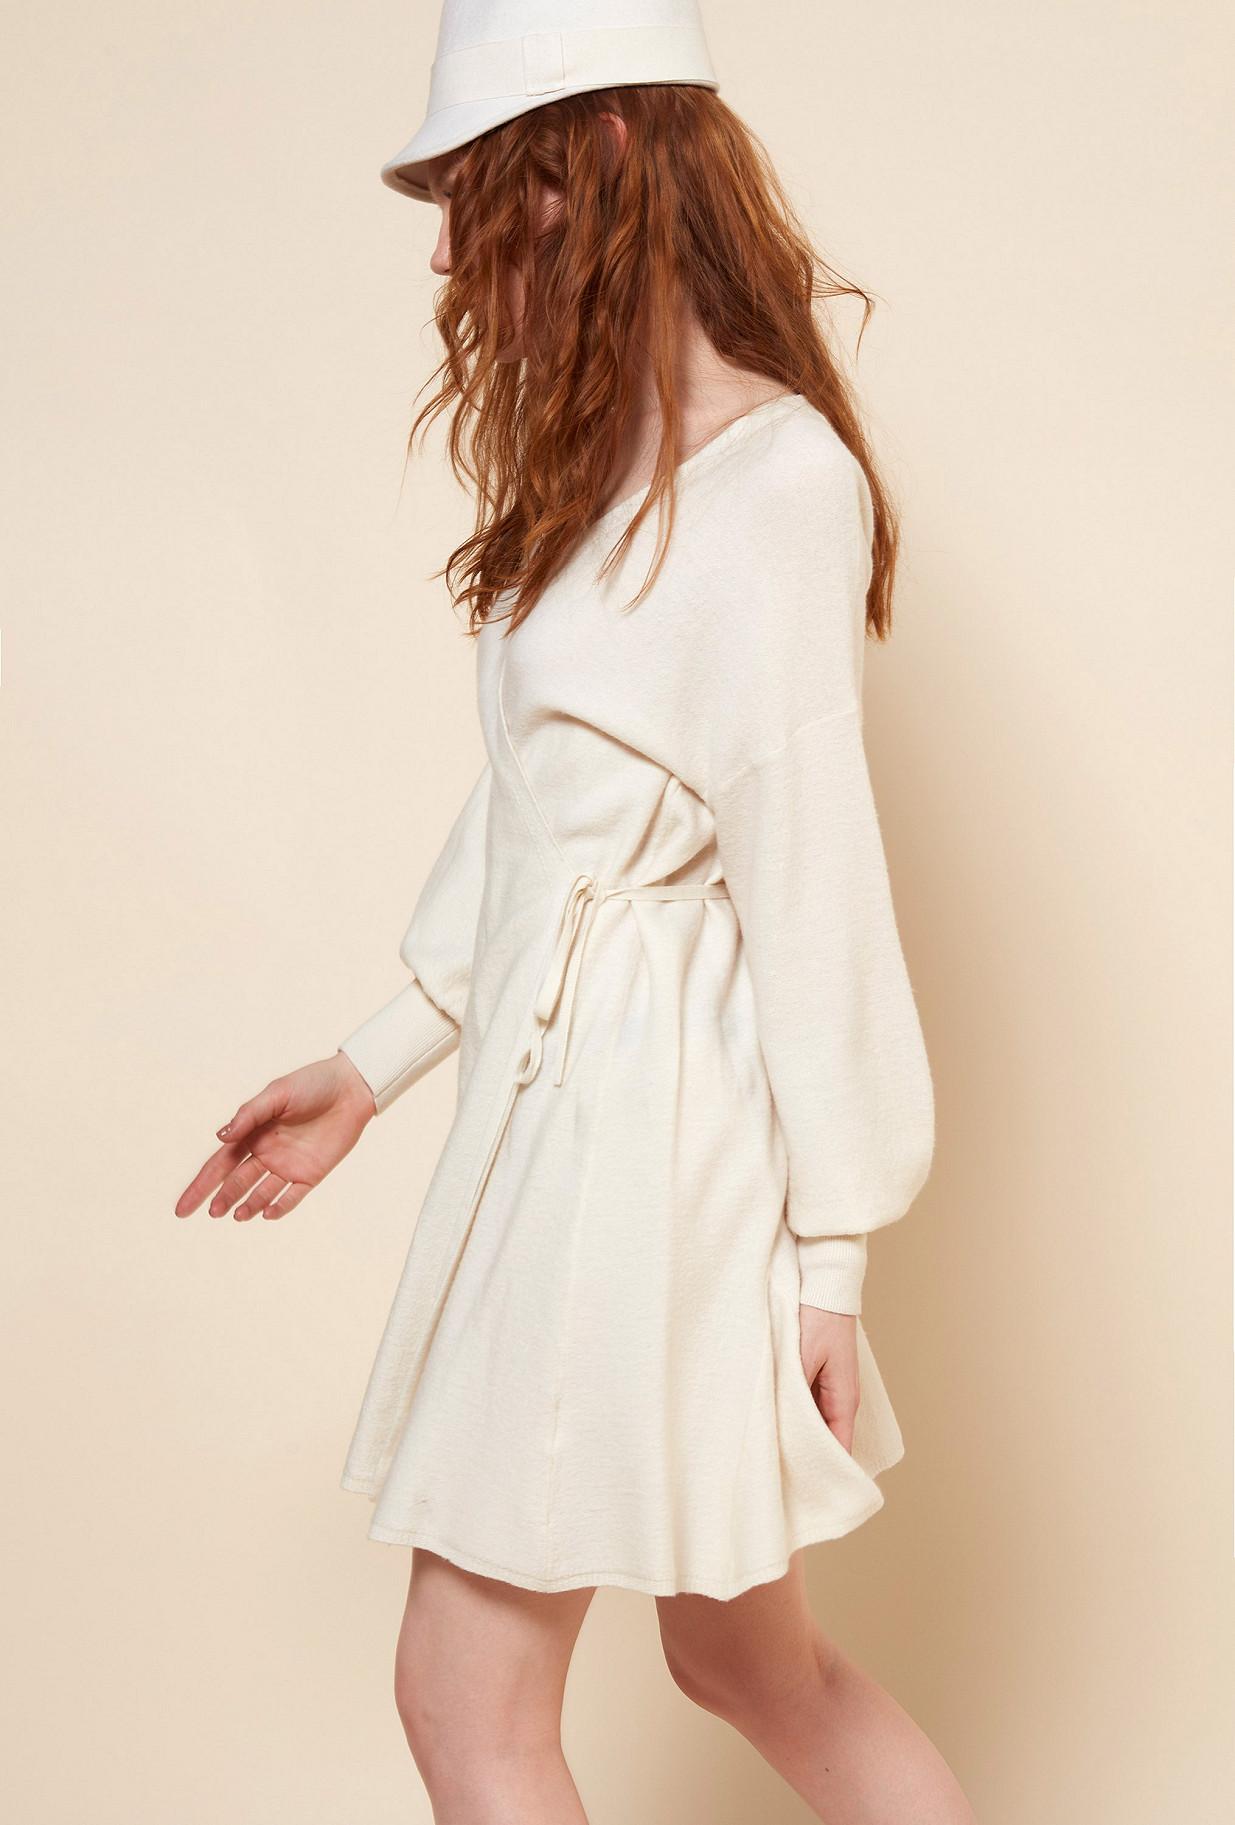 Ivory  Dress  Sevilla Mes demoiselles fashion clothes designer Paris